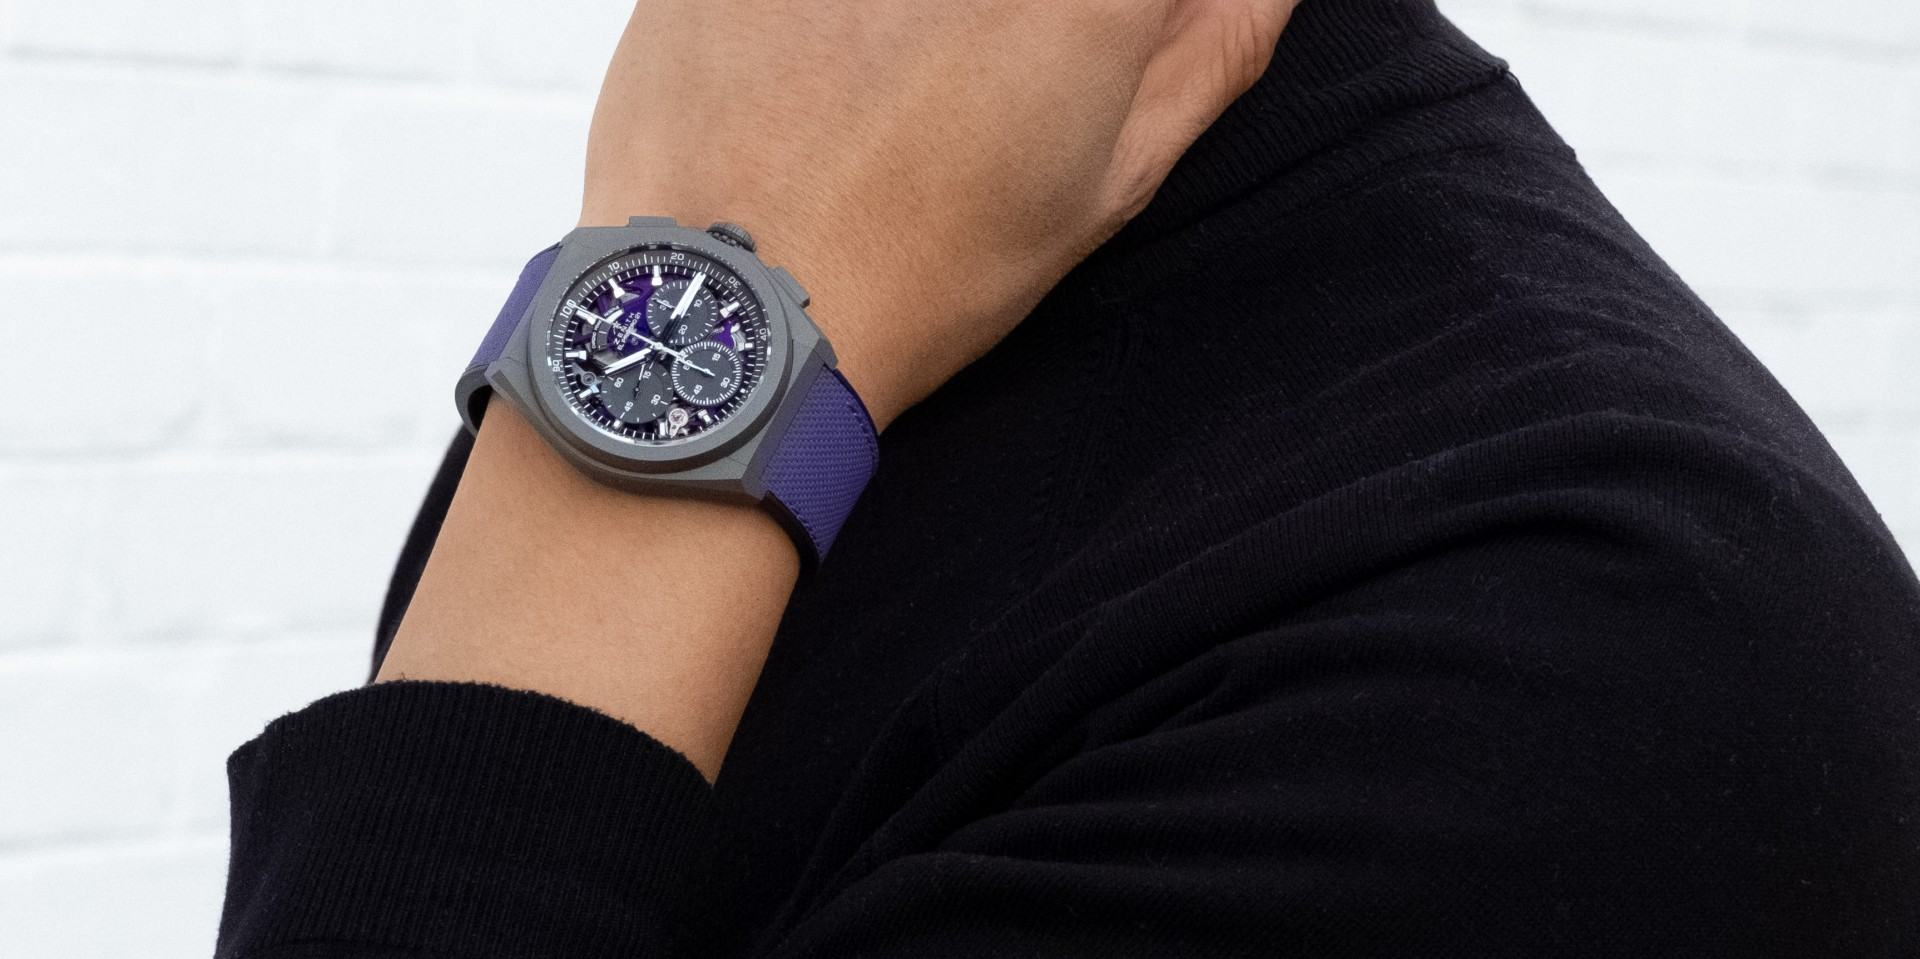 【2020線上錶展】ZENITH Defy El Primero 21 Ultraviolet腕錶,搭載品牌首款紫色計時機芯